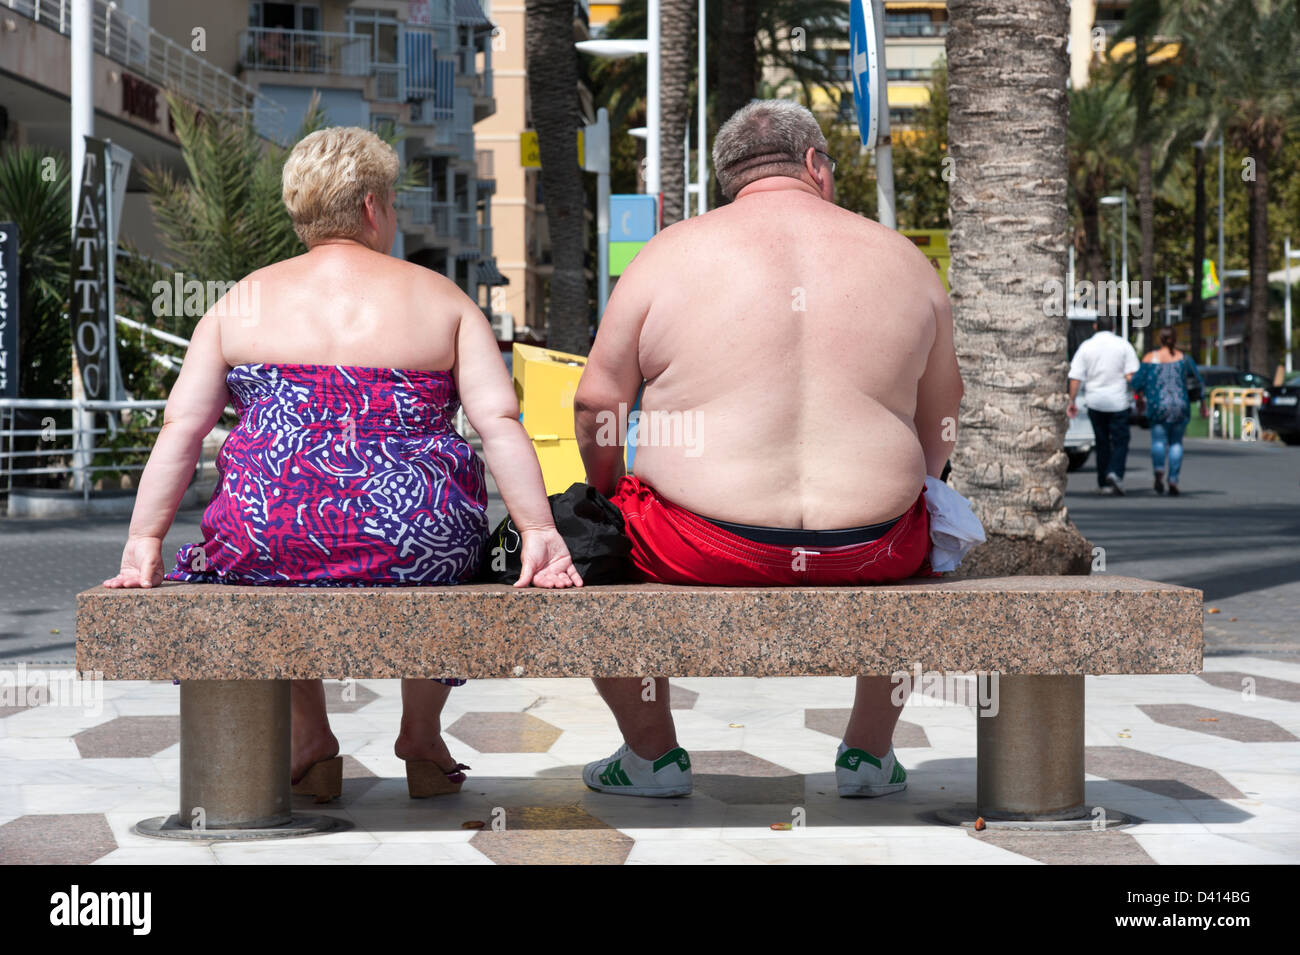 Il sovrappeso giovane britannico sul fronte mare a Benidorm, Costa Blanca, Spagna Immagini Stock